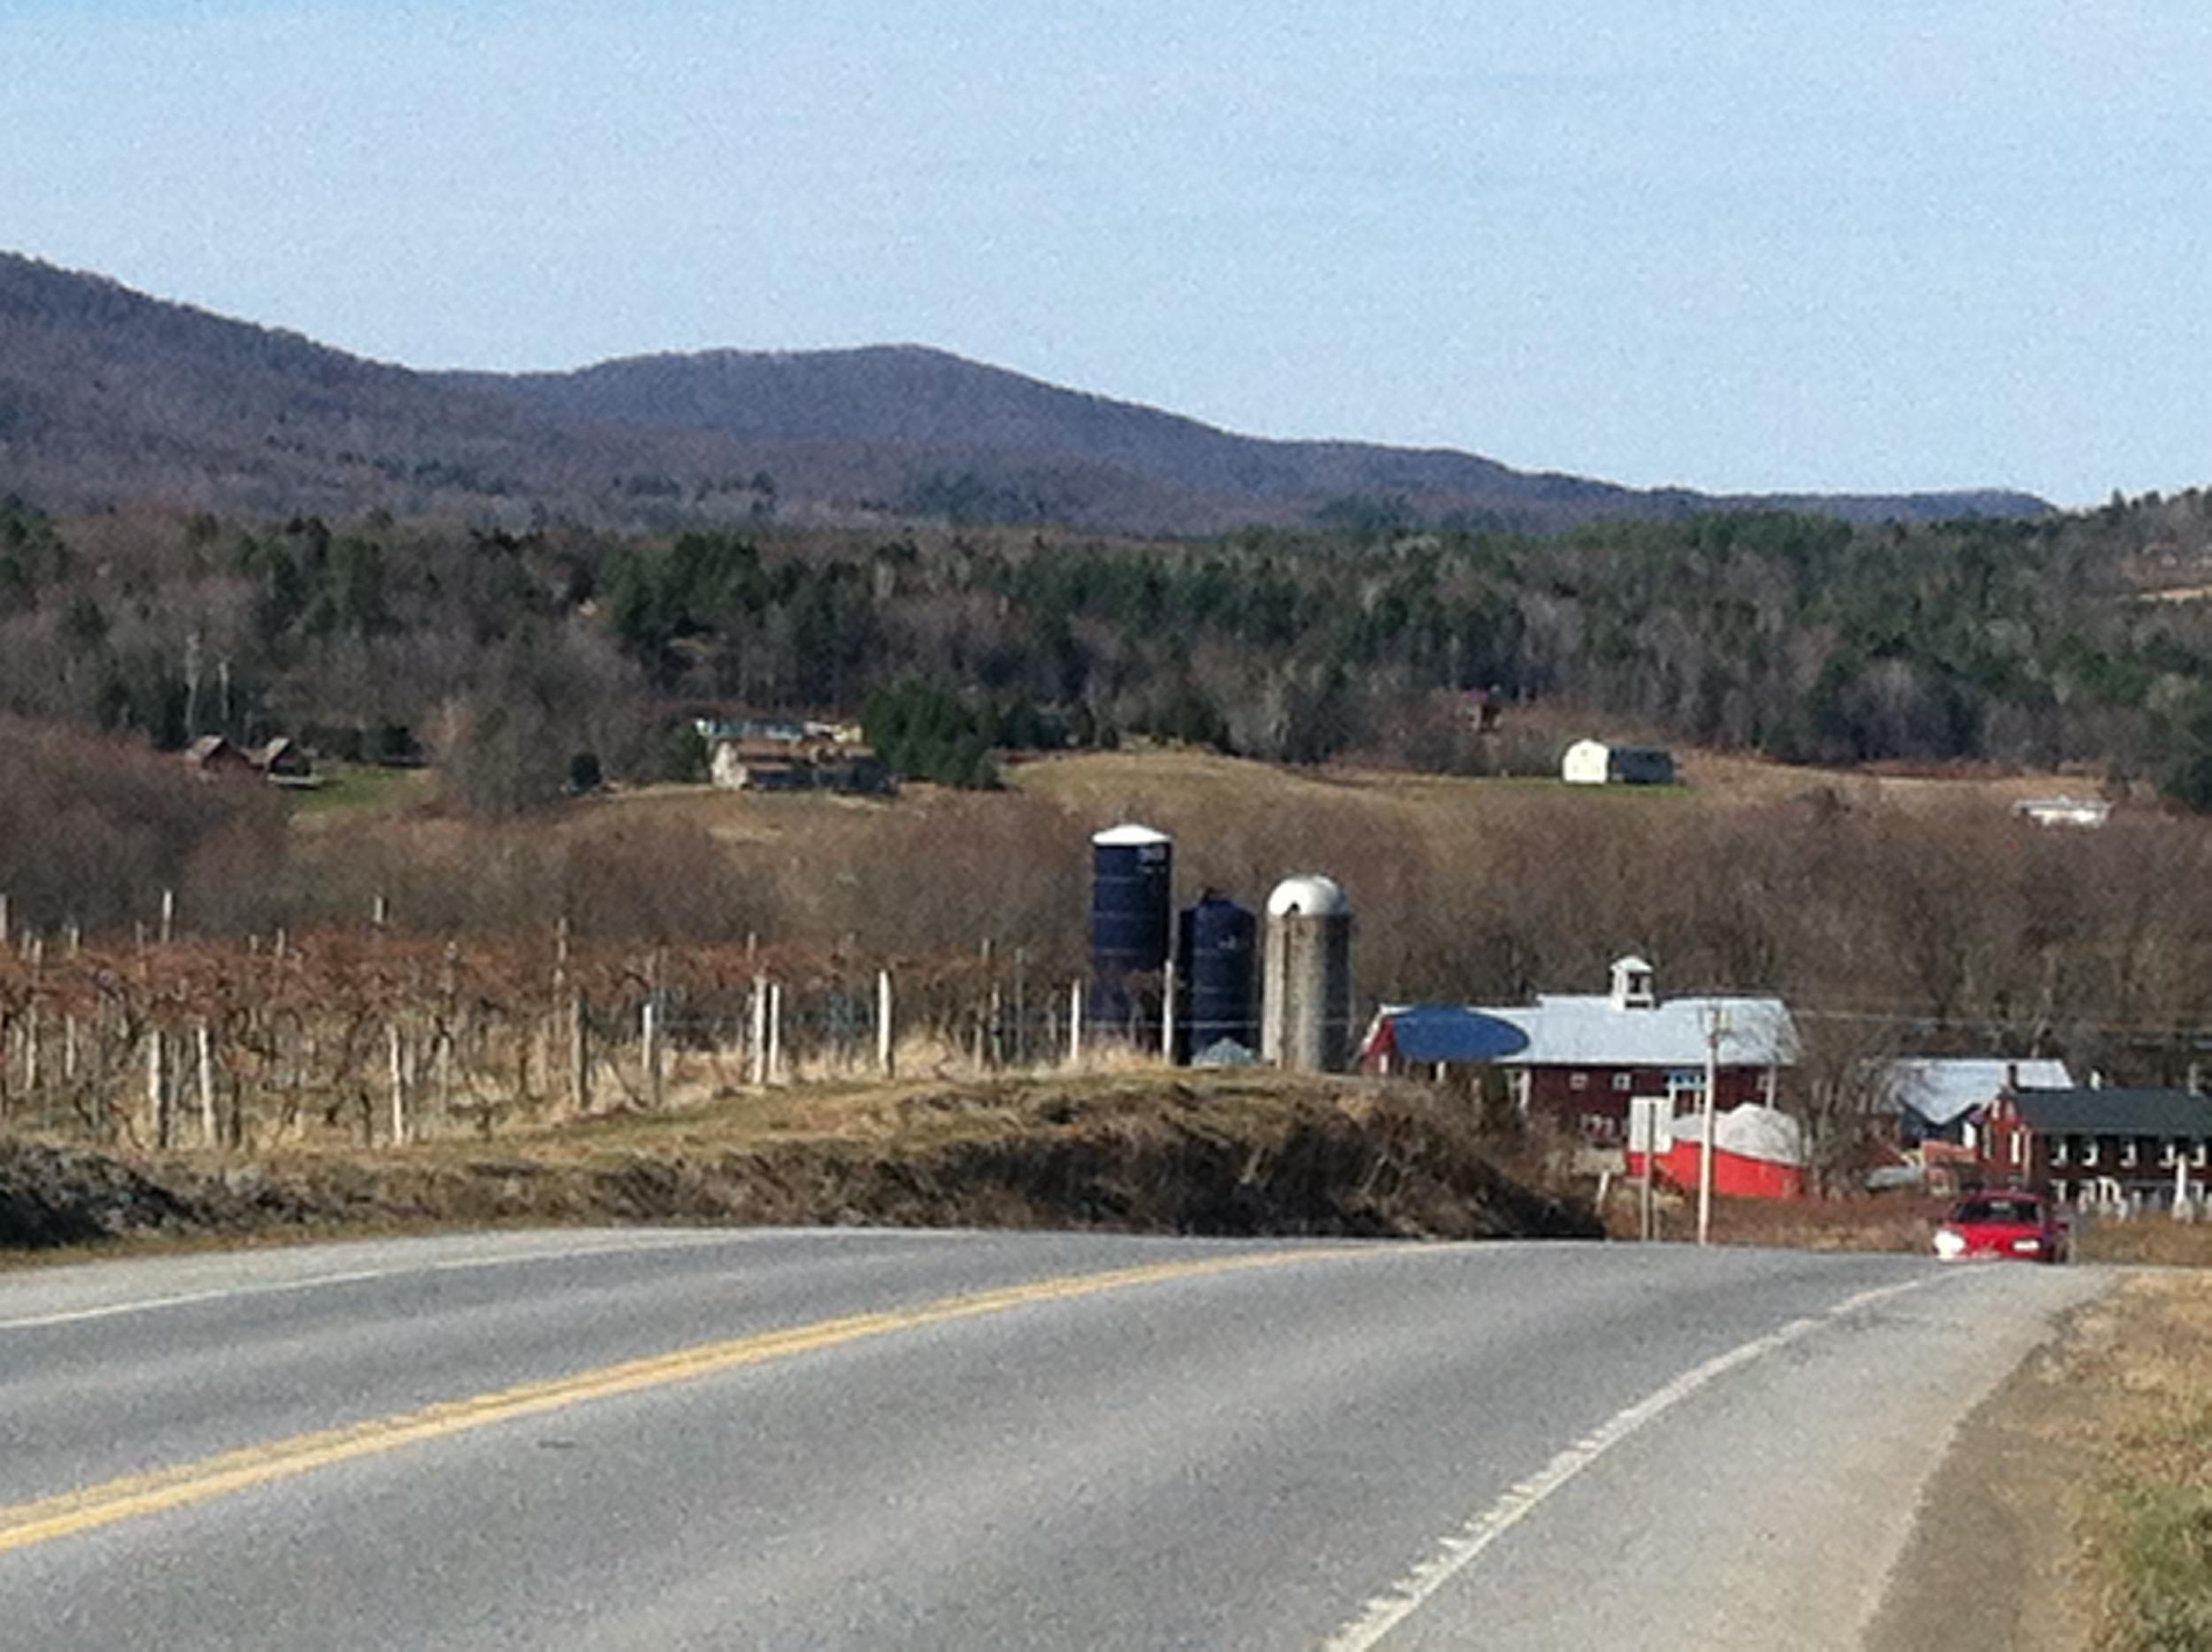 Mountain views Vermont tours